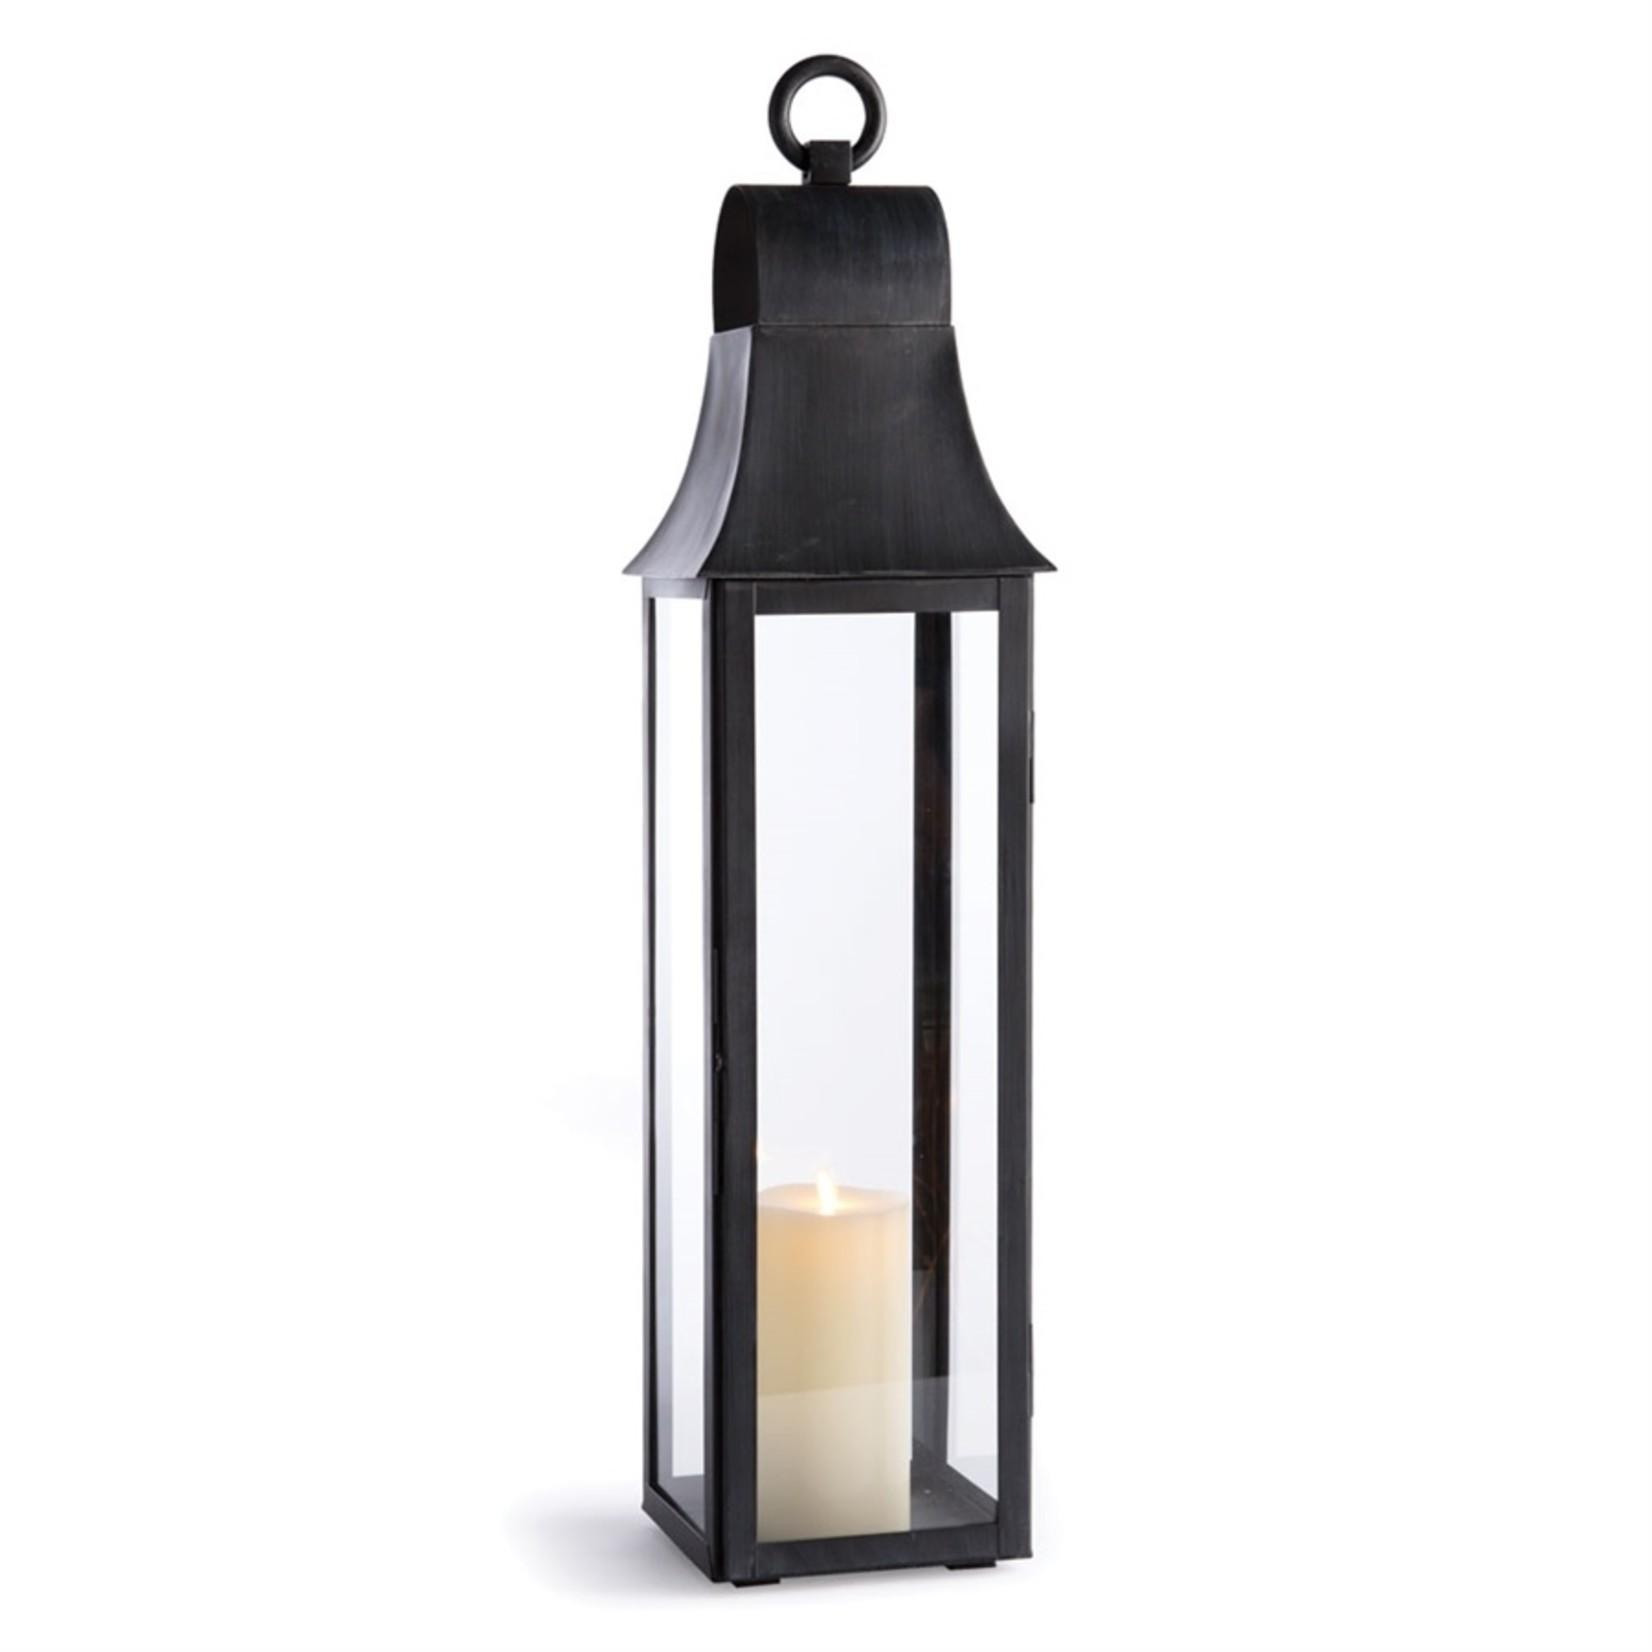 Napa Home and Garden Geneva Lantern